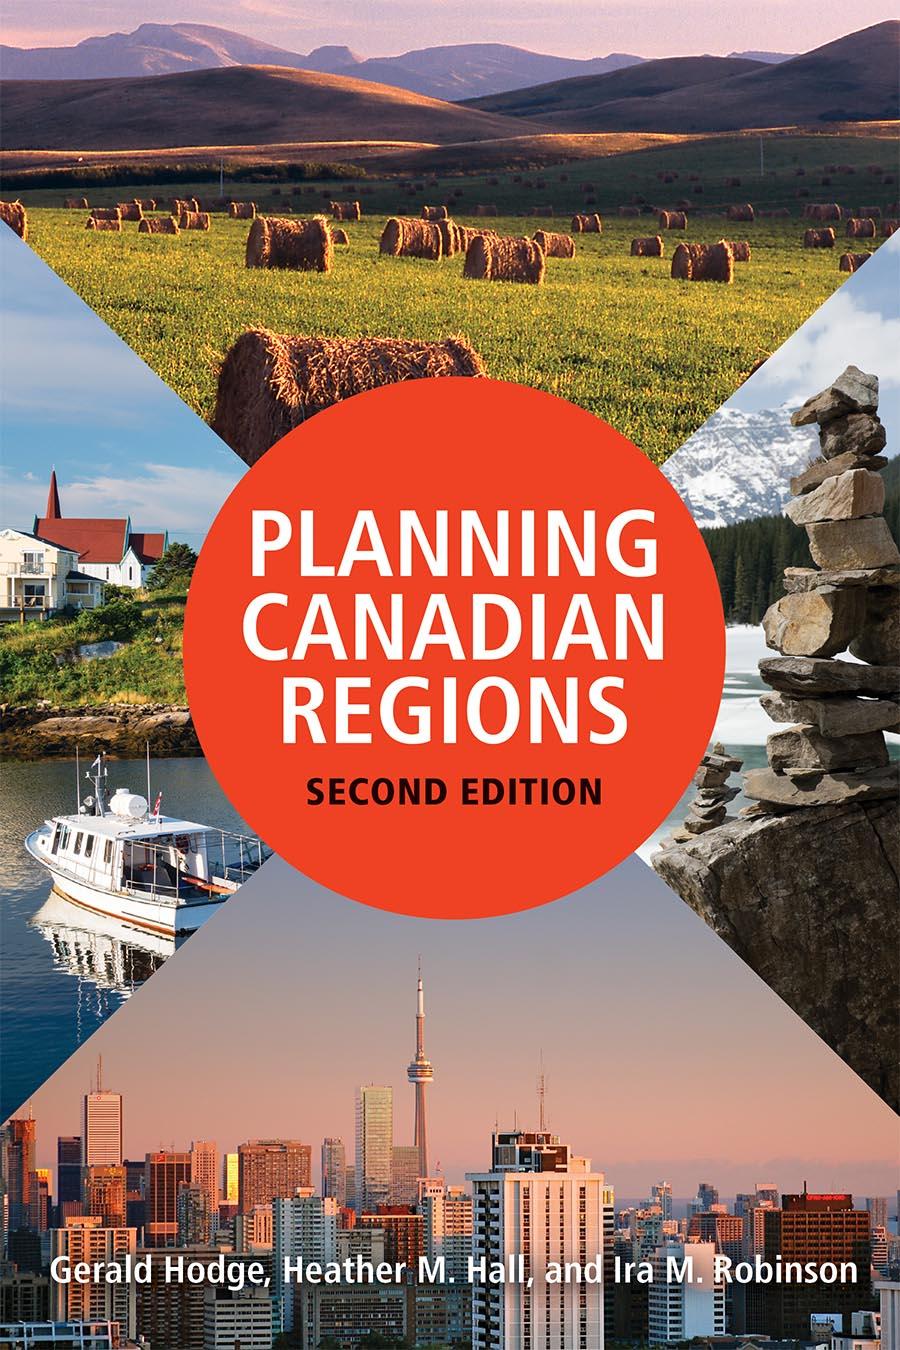 PlanningCanadianRegions